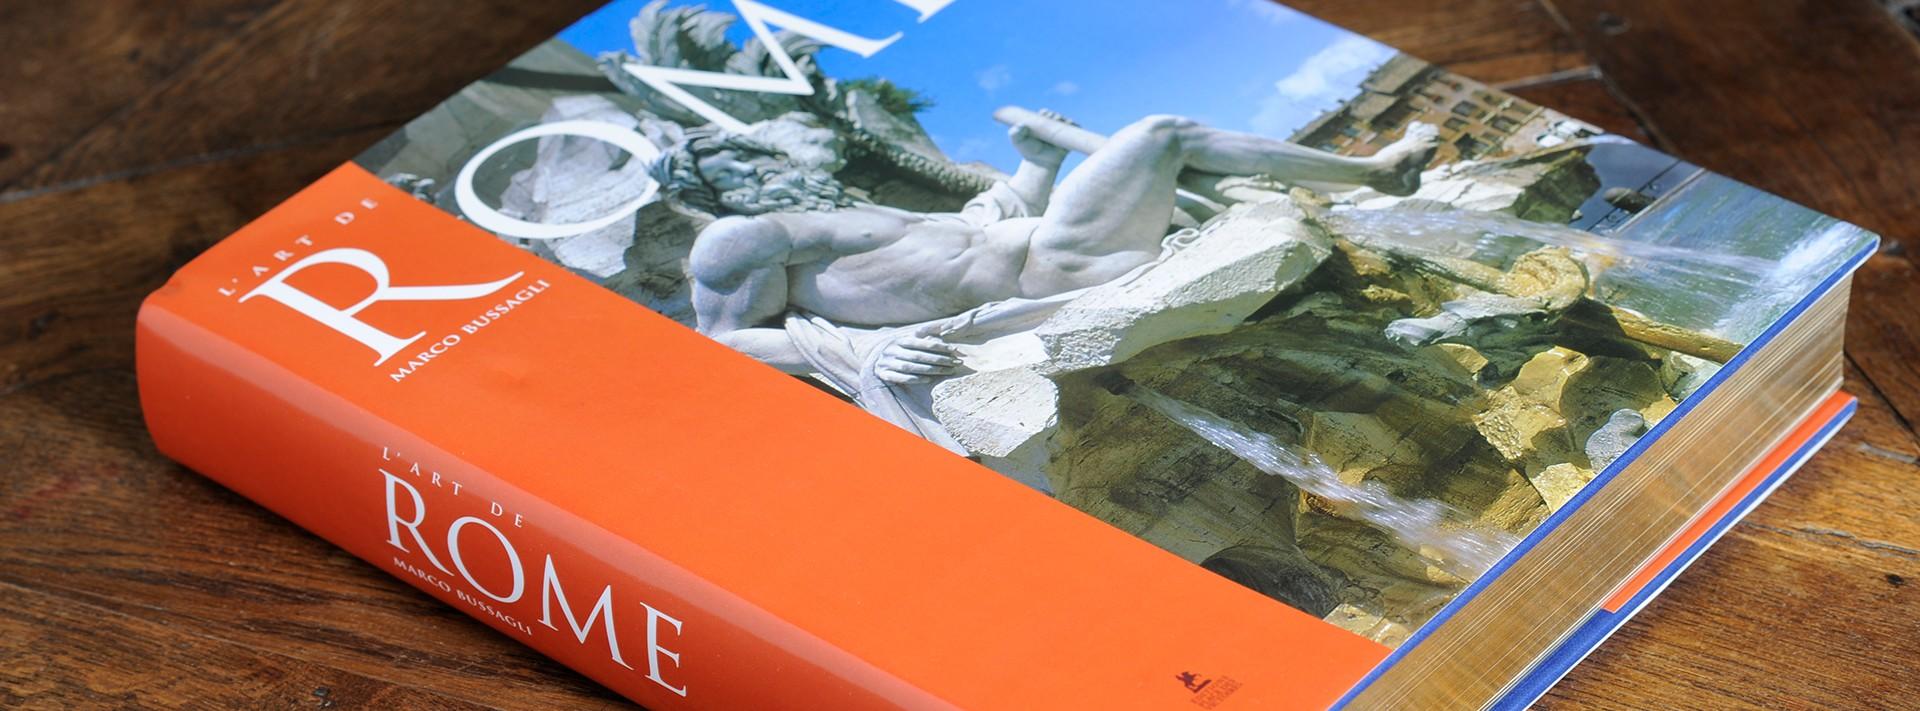 L'Art de Rome